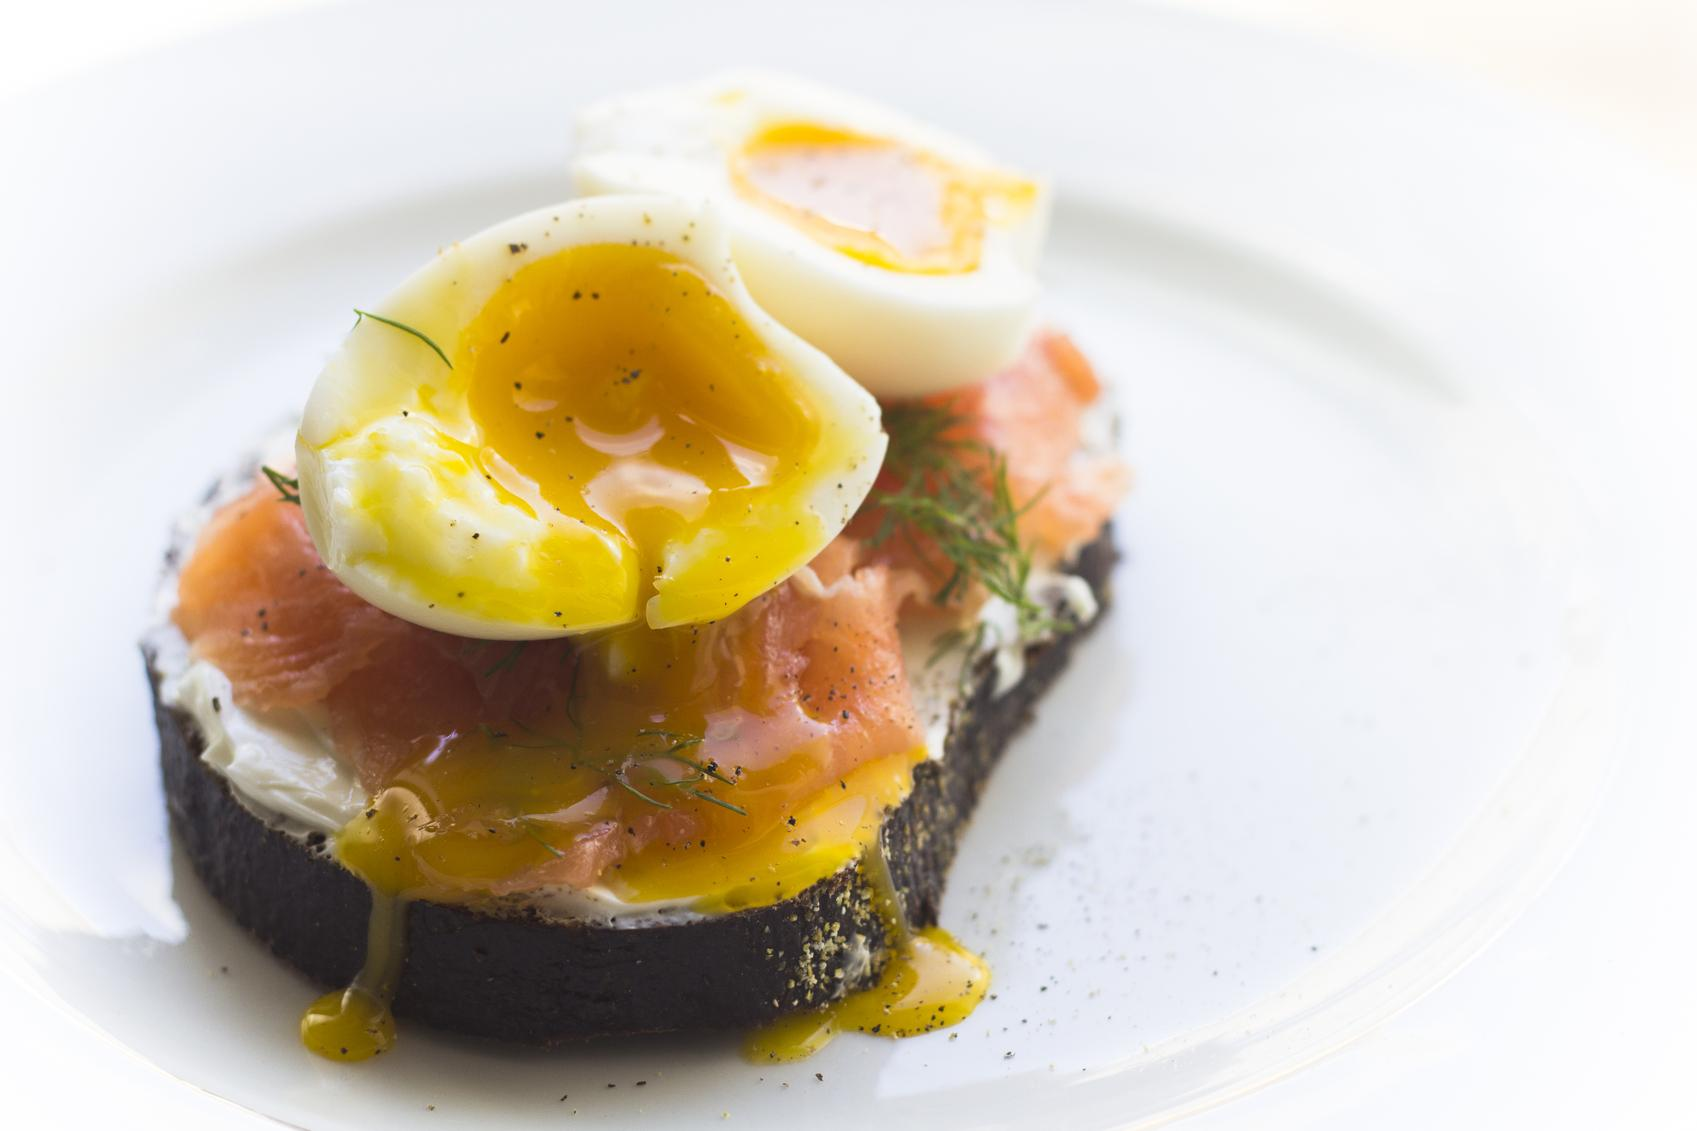 toutes les façons de cuisiner l'œuf - cuisine / madame figaro